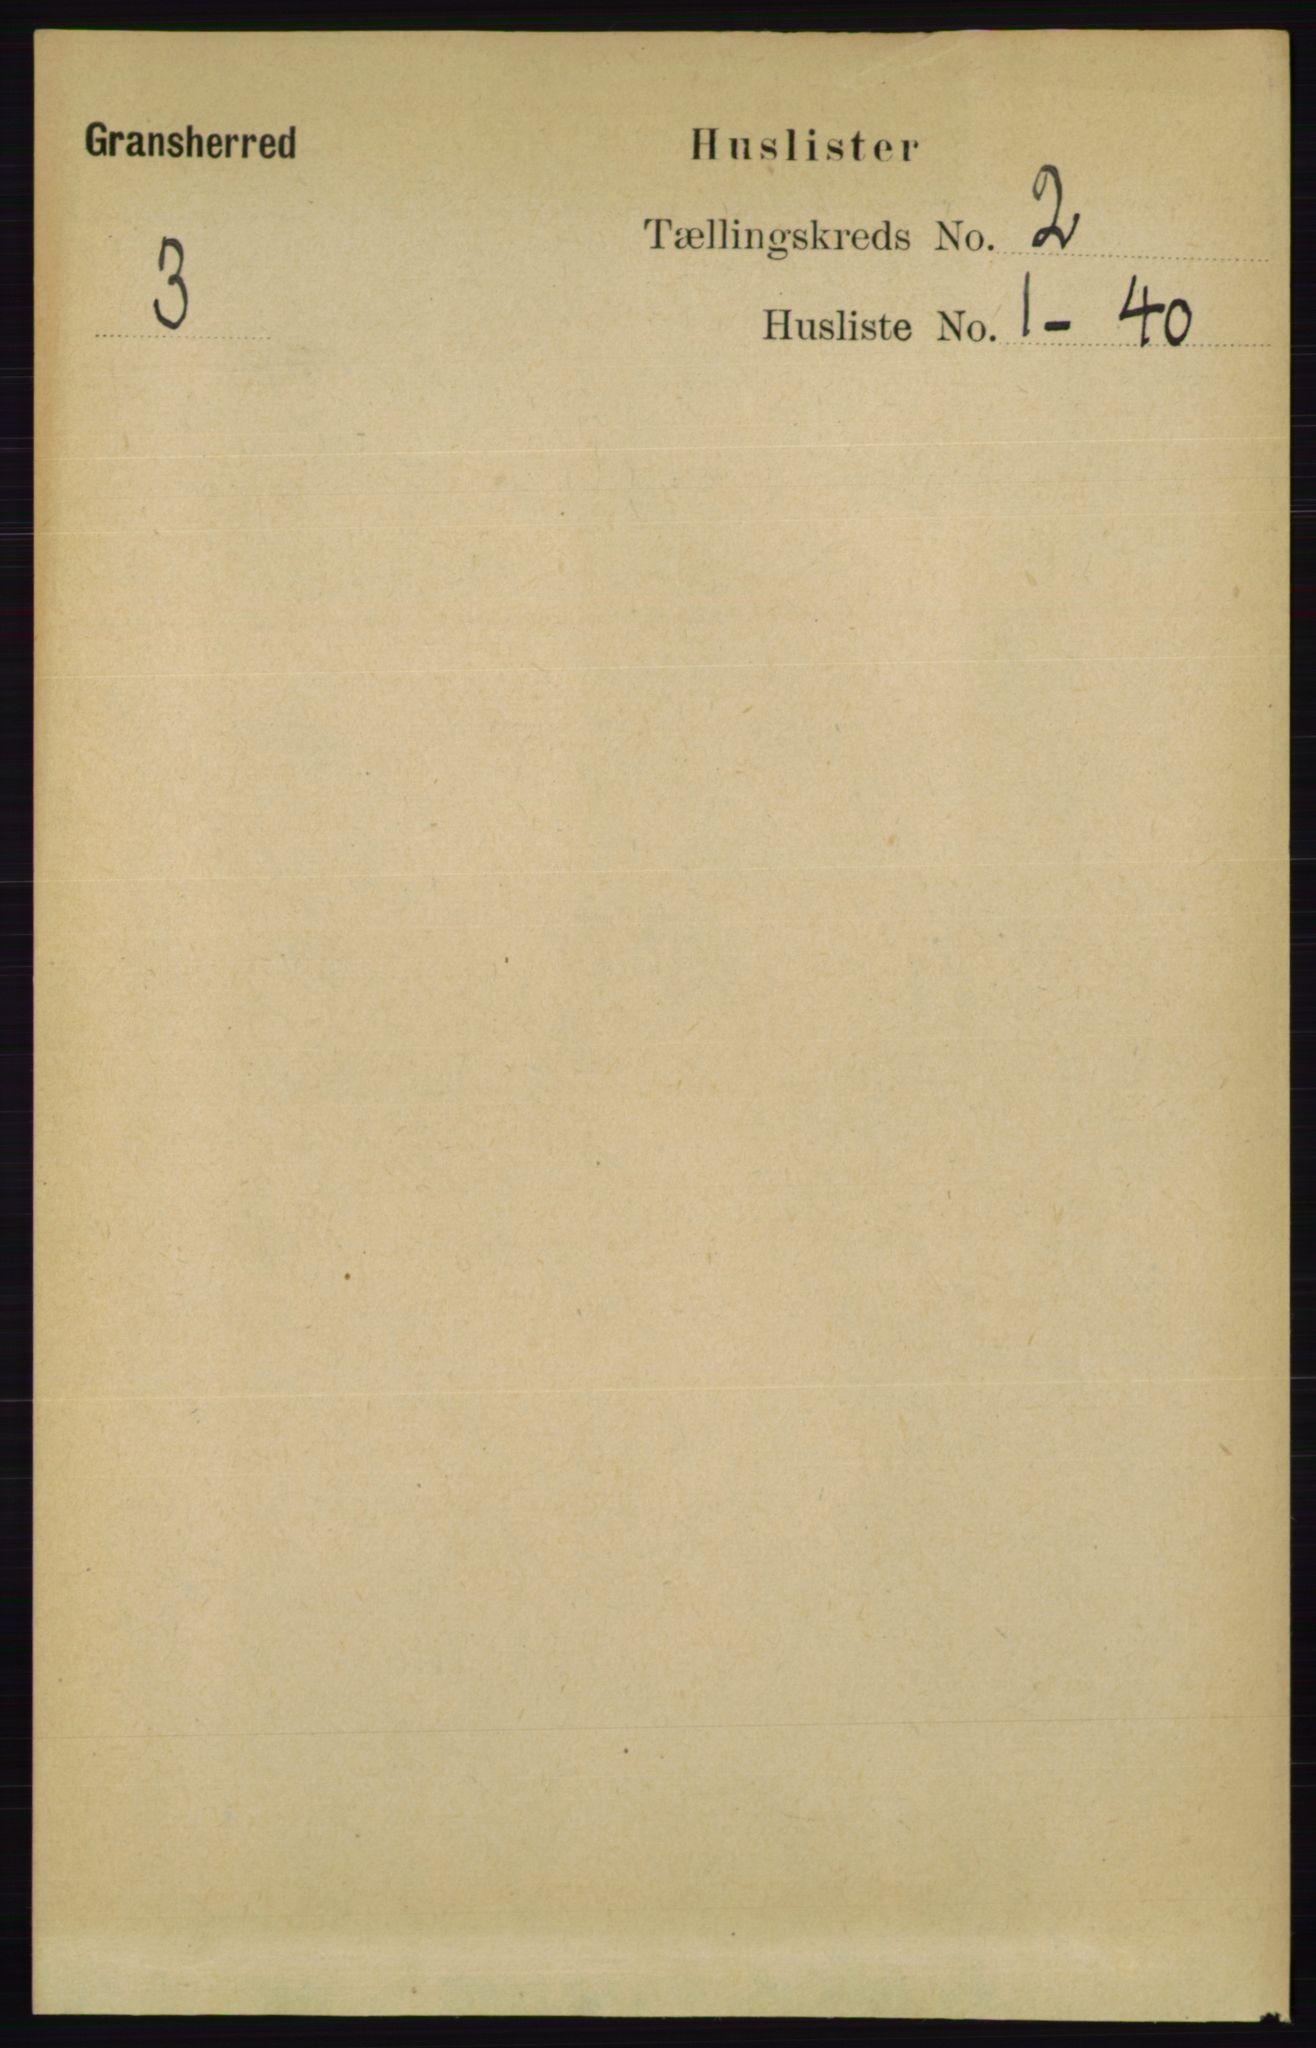 RA, Folketelling 1891 for 0824 Gransherad herred, 1891, s. 244